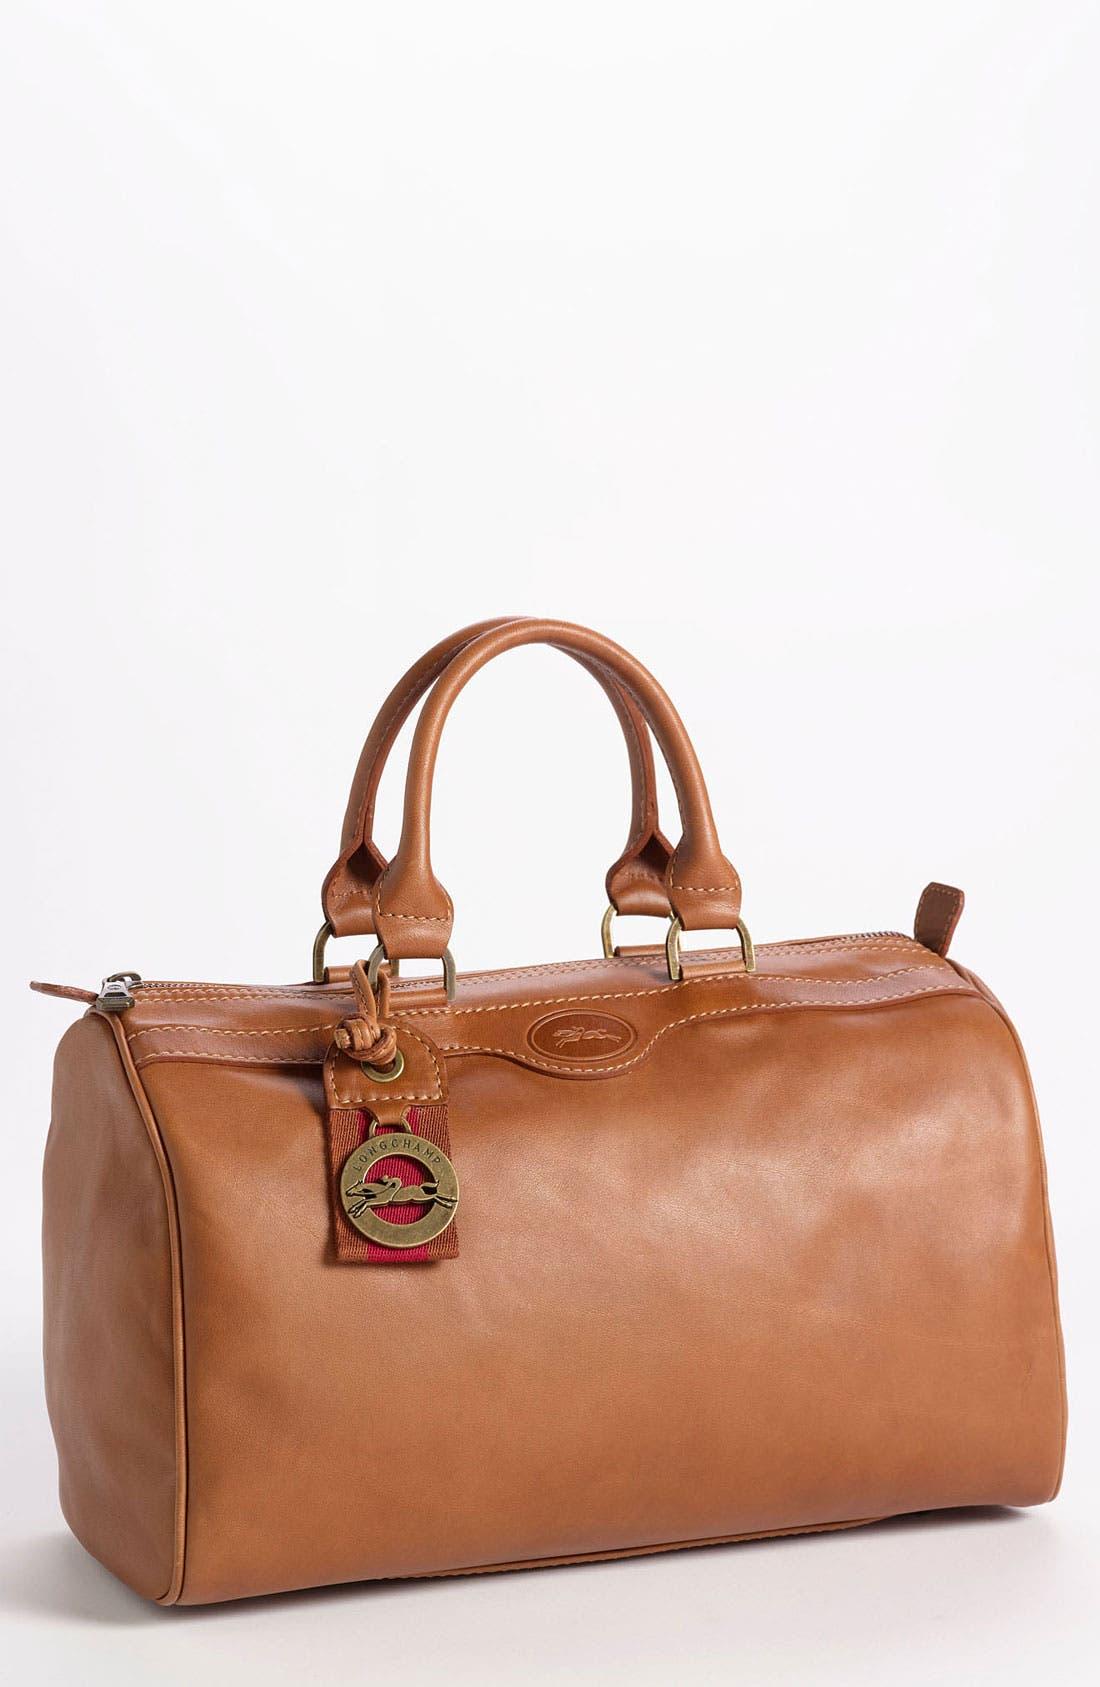 Main Image - Longchamp 'Au Sultan' Leather Satchel